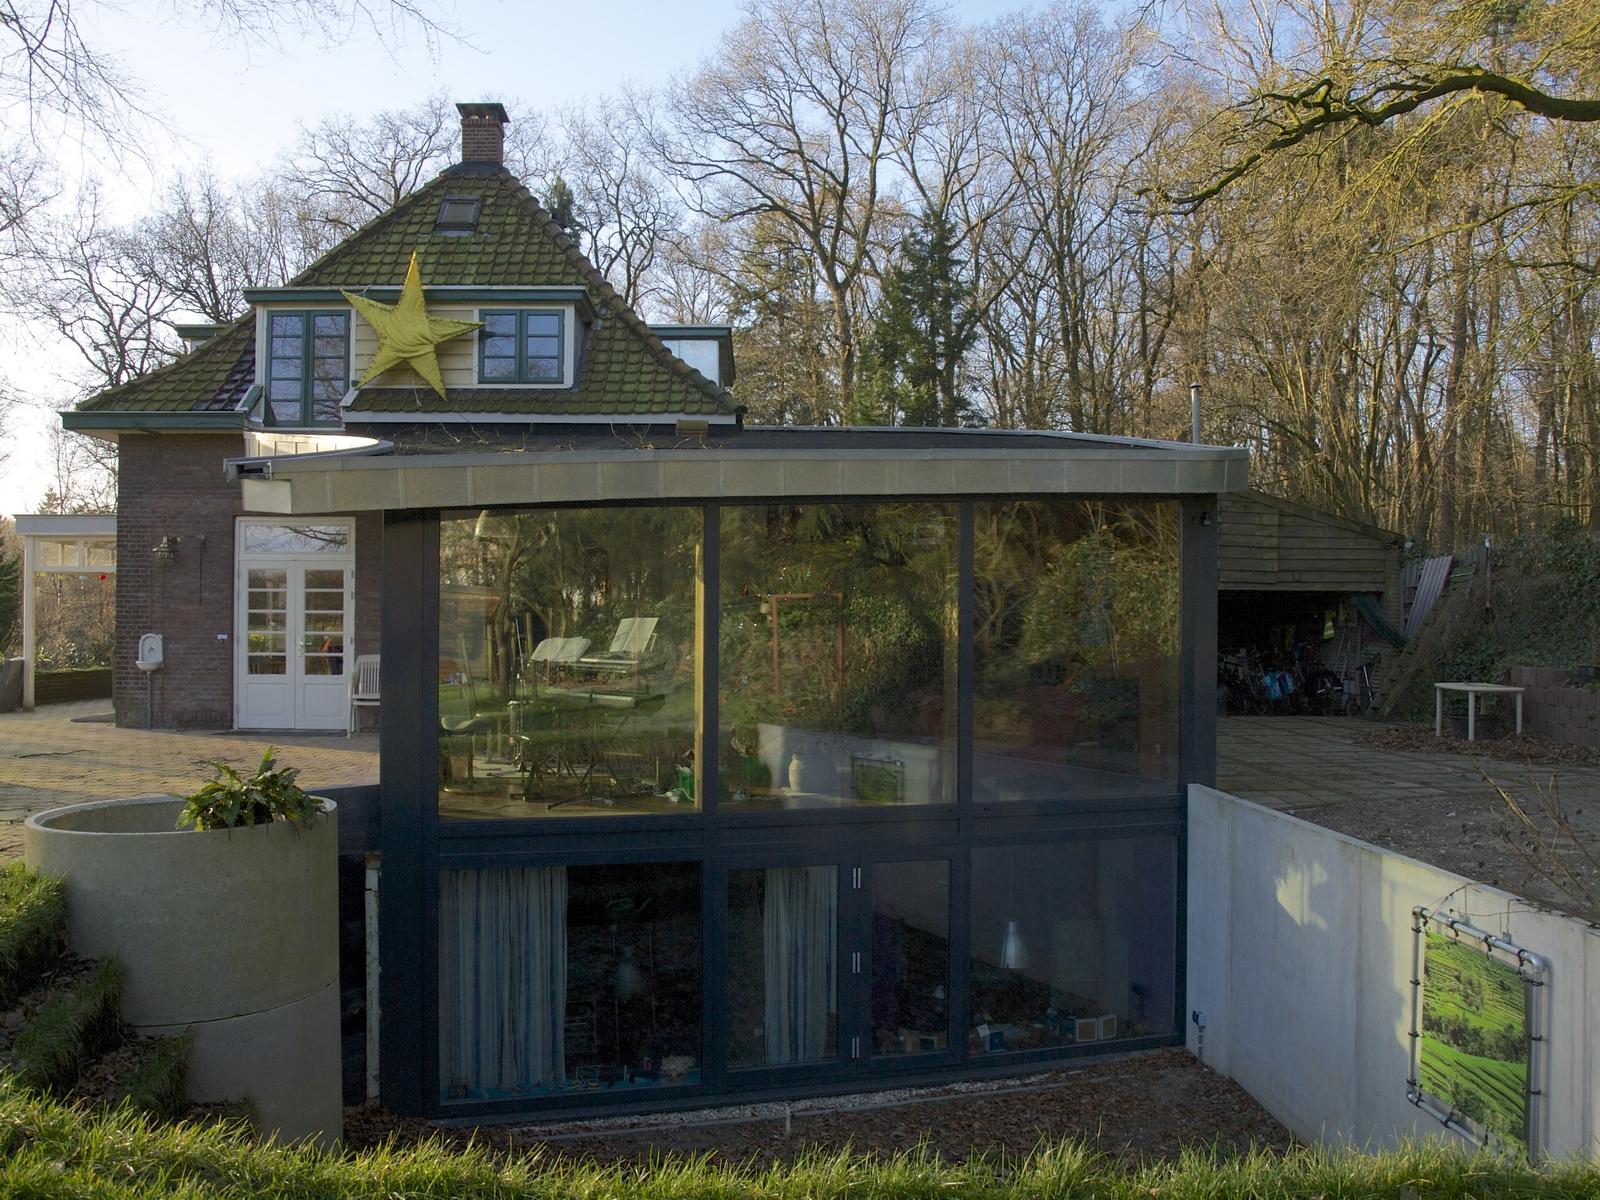 oosterbeek 19